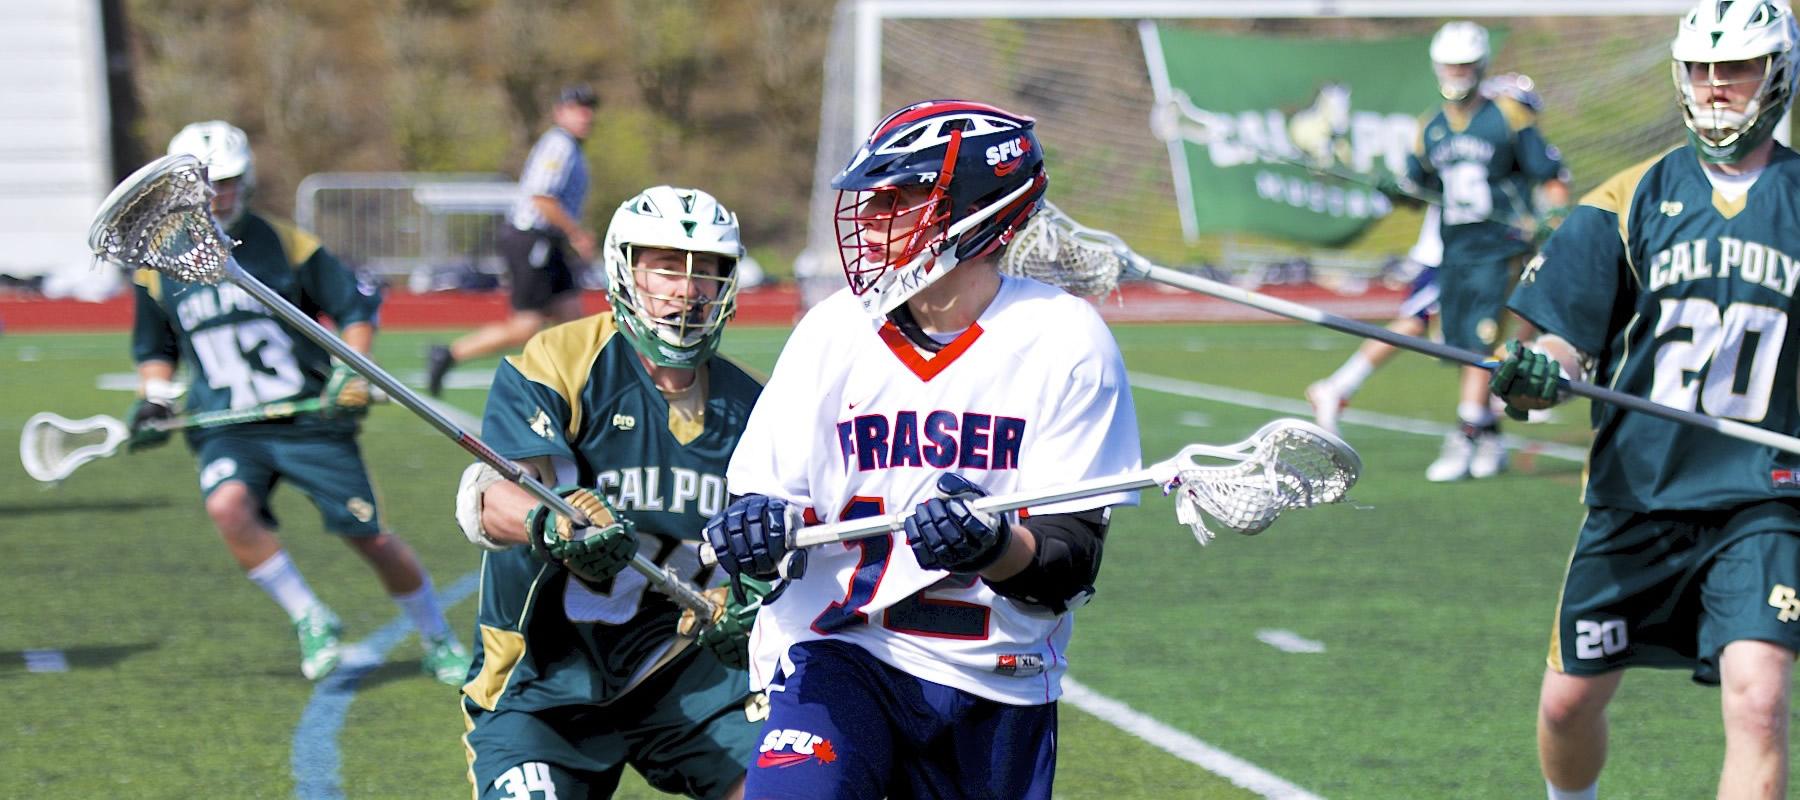 SFU Mens Lacrosse